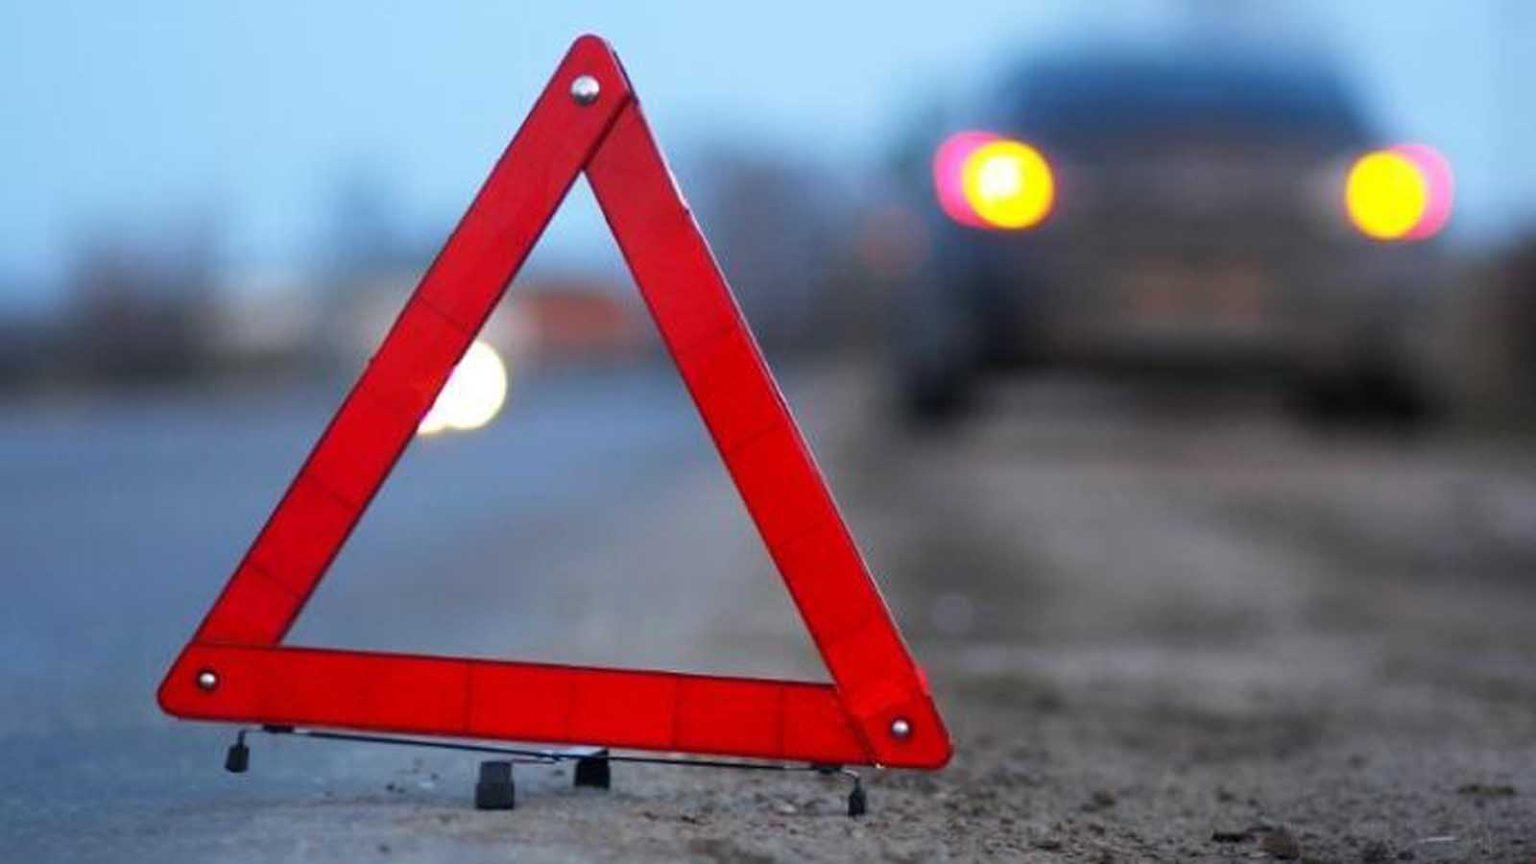 В ДТП на трассе в Брянском районе пострадал 10-летний ребенок